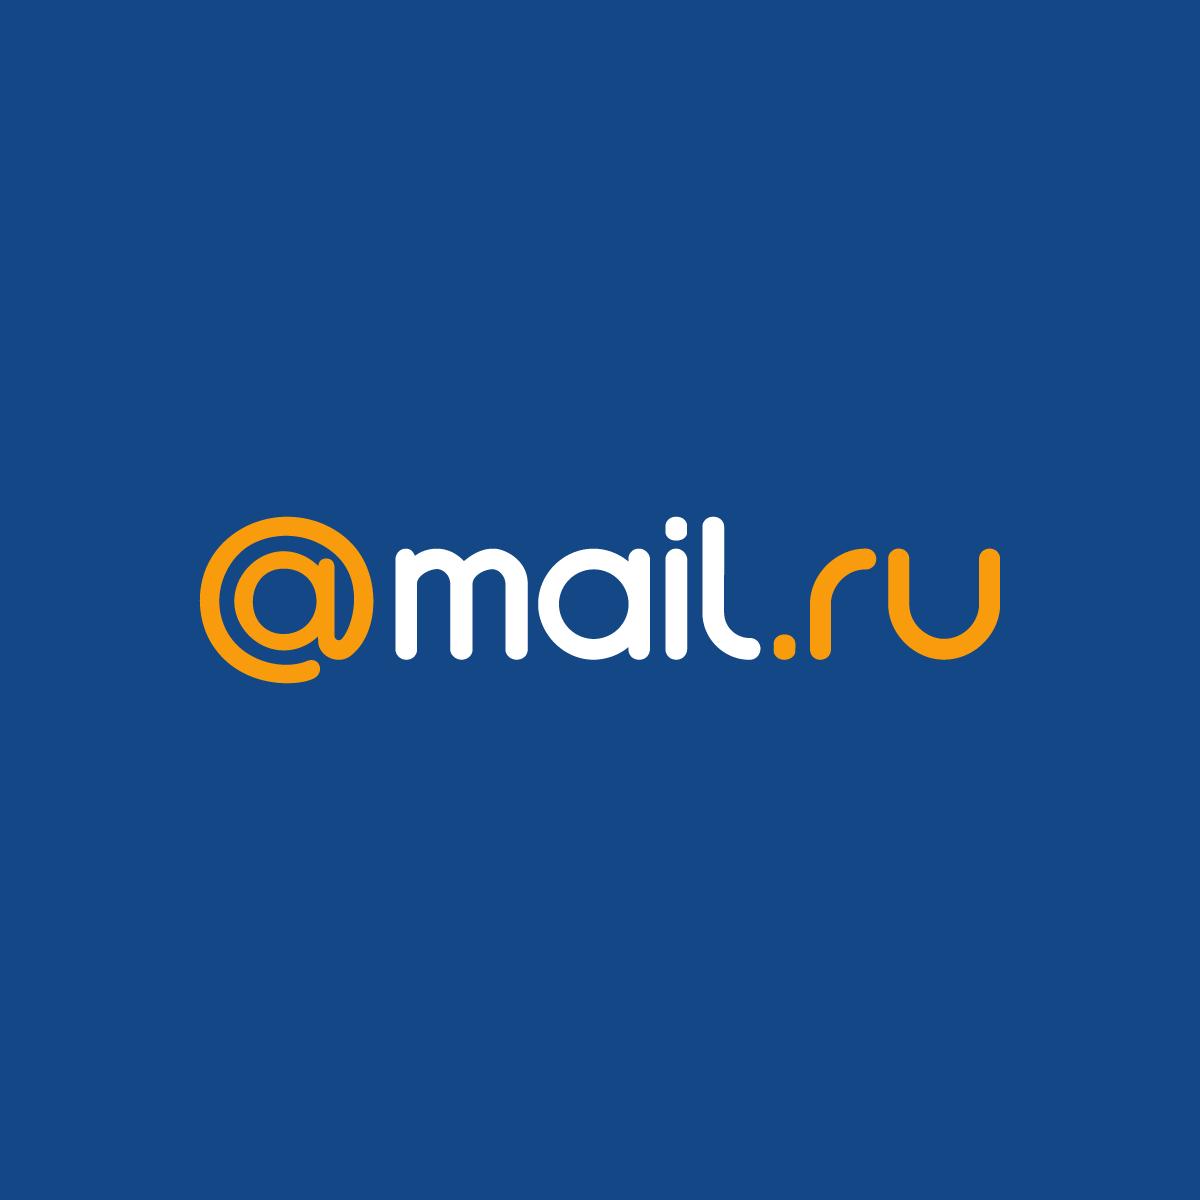 Mail.ru - ロシアインターネットの巨人が誇るフリーメール | free.